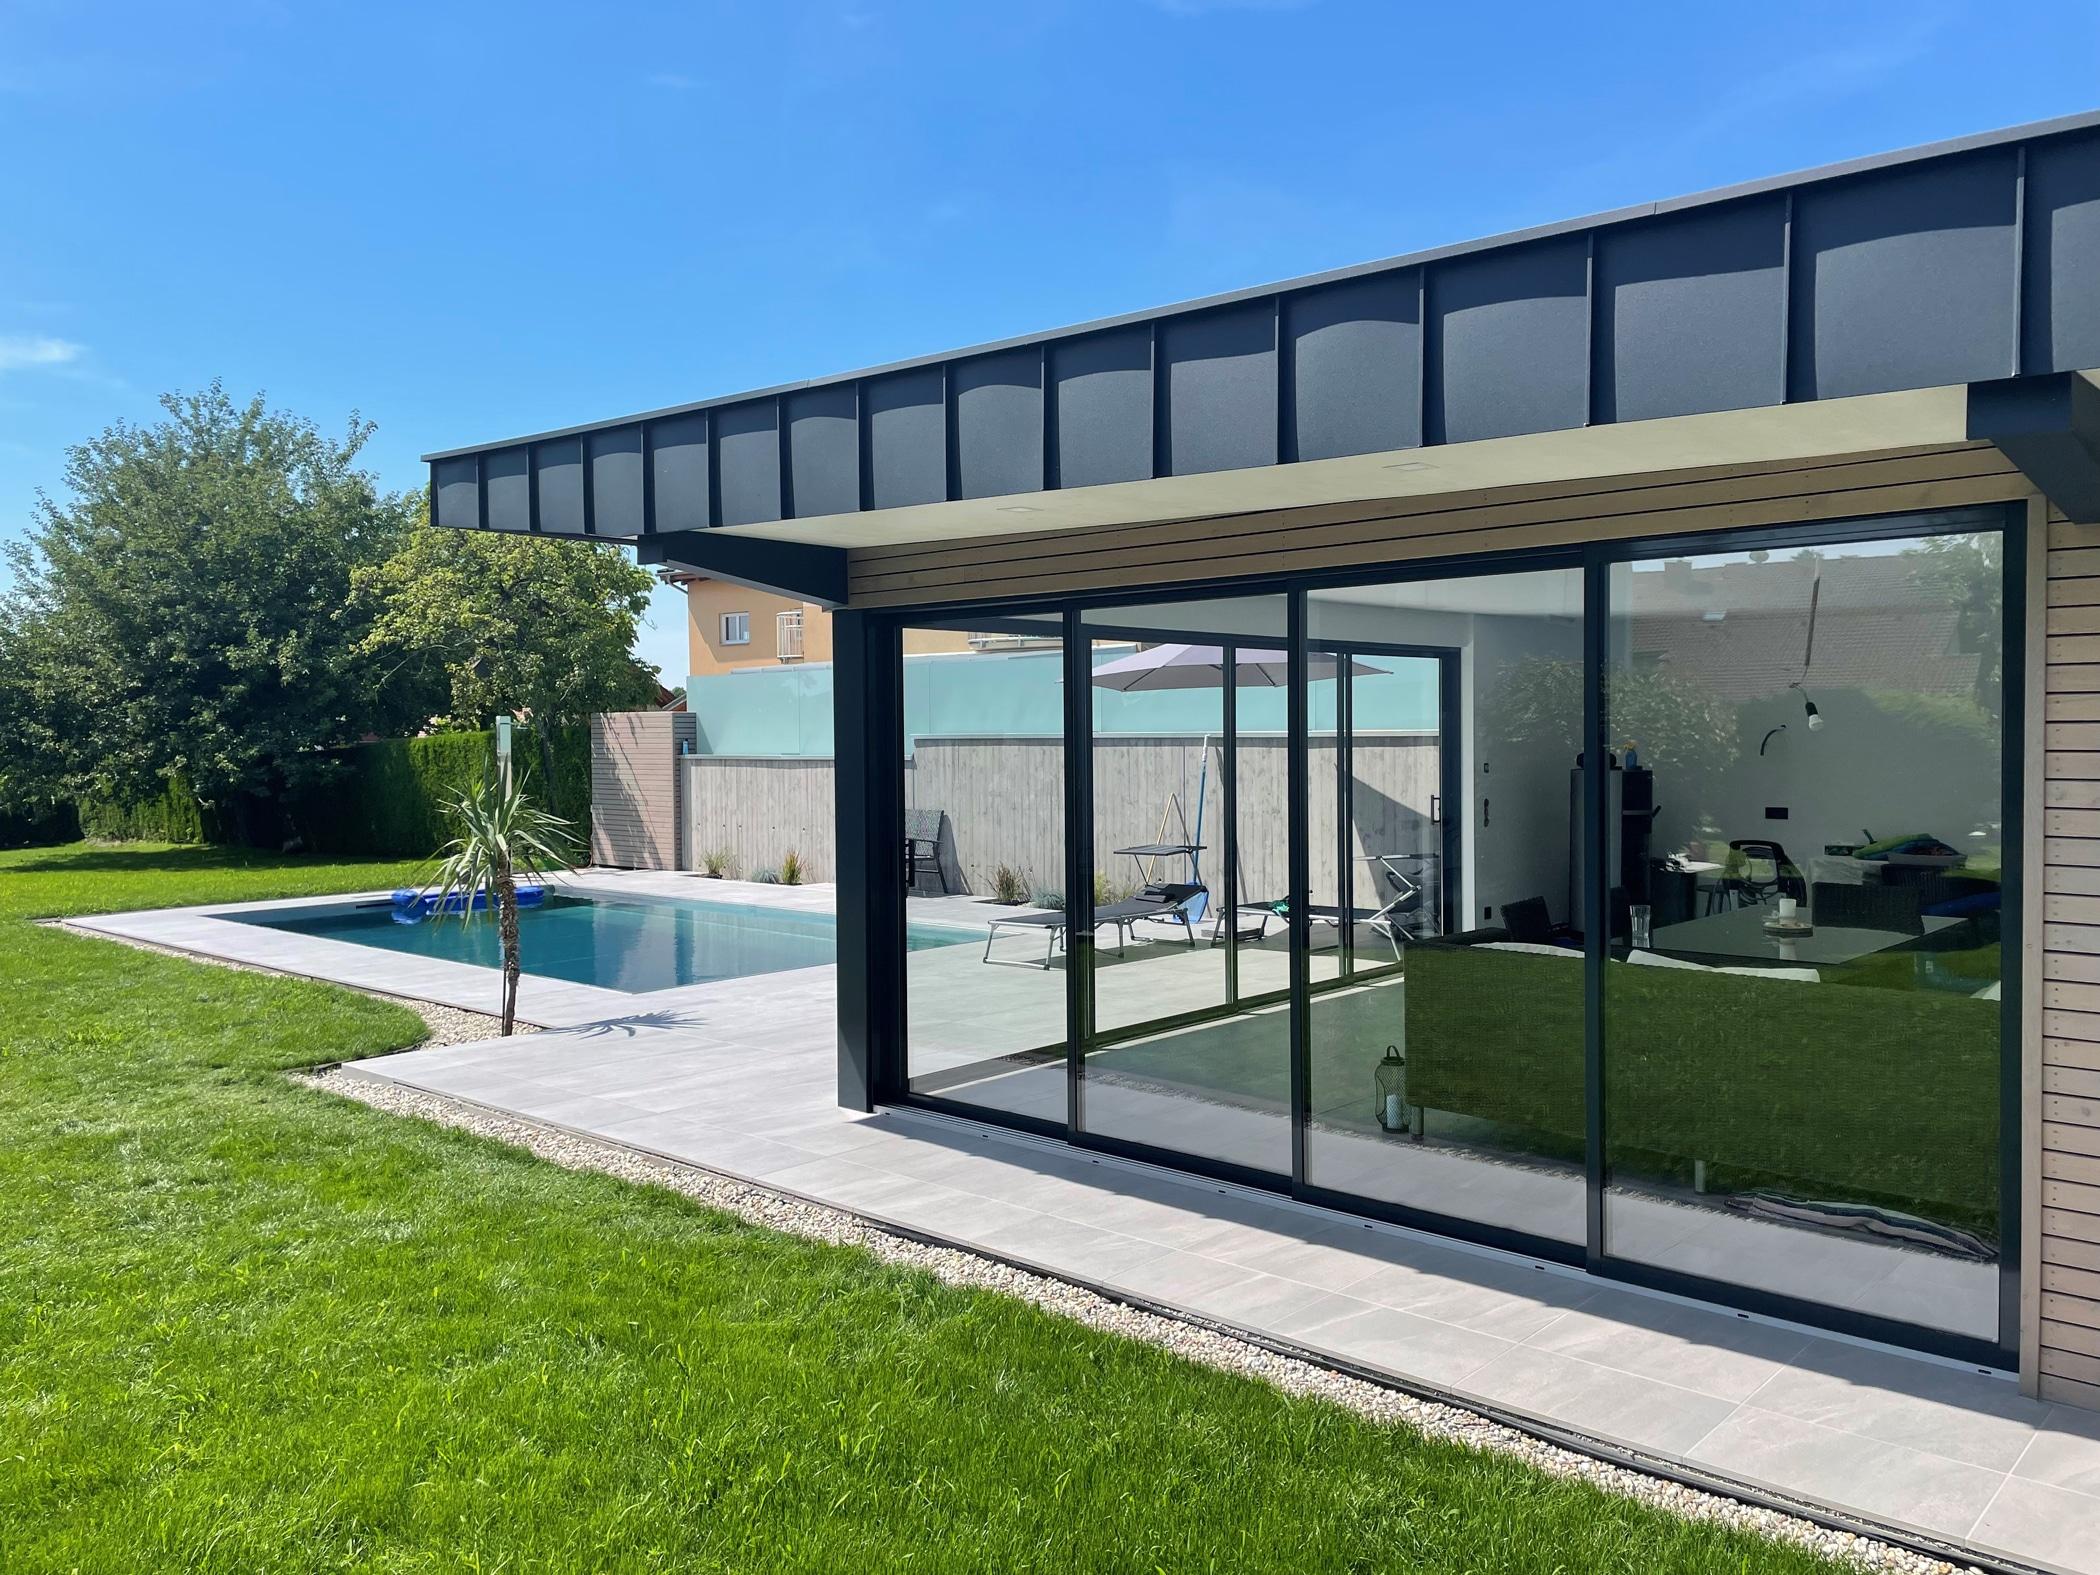 Poolhaus modern mit Schiebetüren in Anthrazit